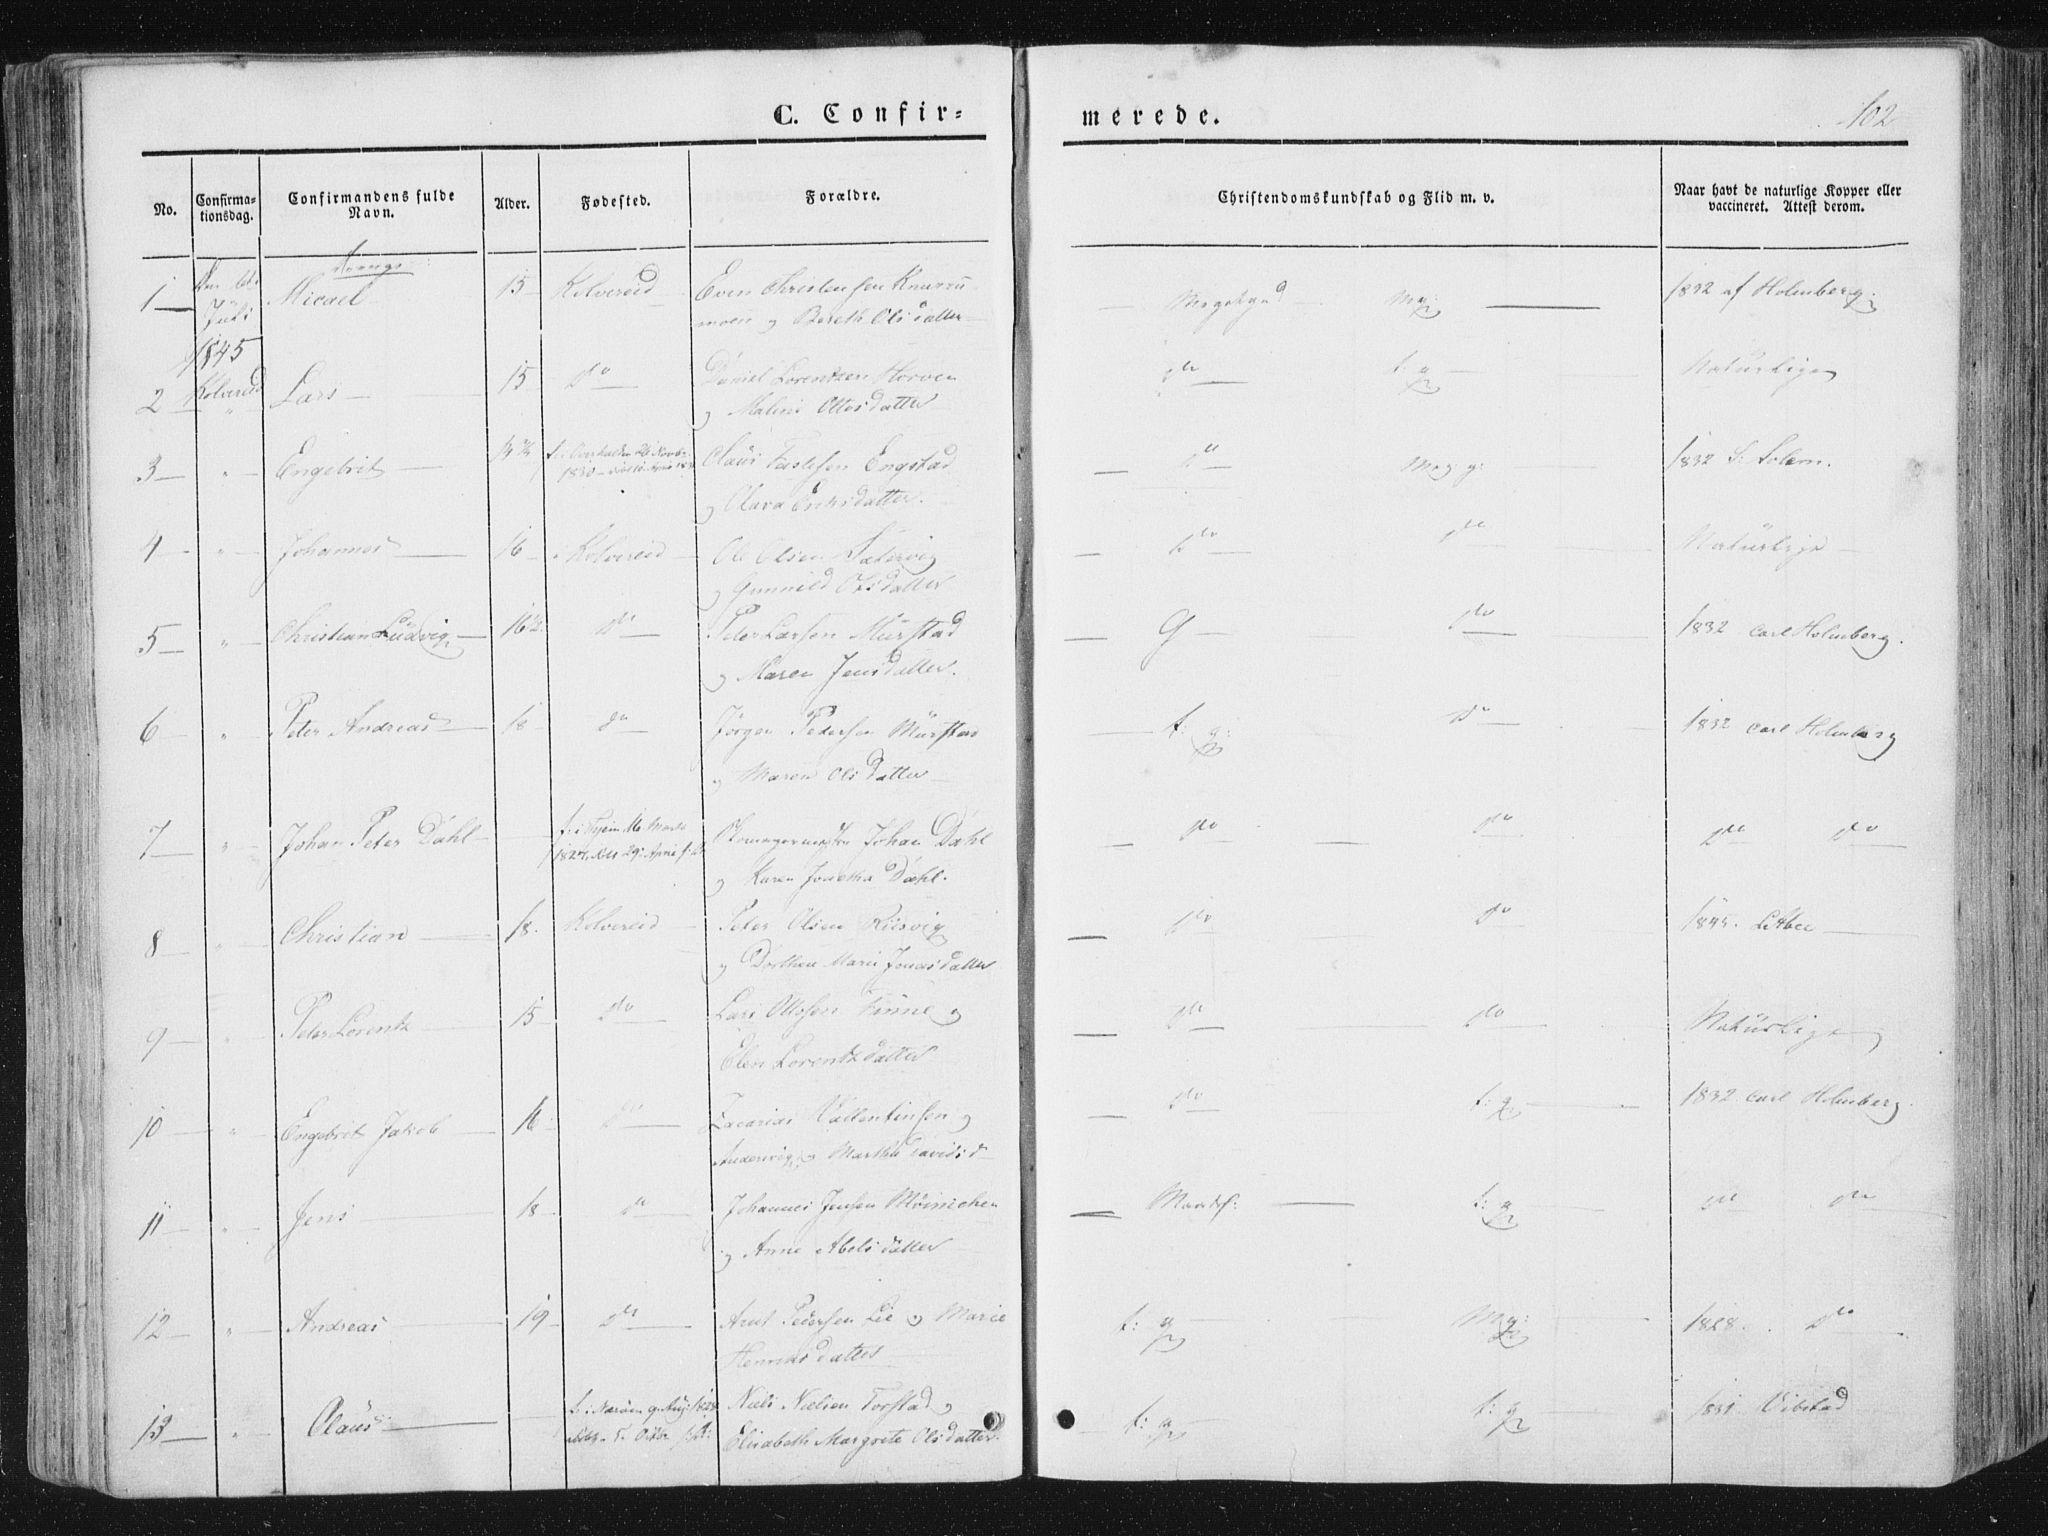 SAT, Ministerialprotokoller, klokkerbøker og fødselsregistre - Nord-Trøndelag, 780/L0640: Parish register (official) no. 780A05, 1845-1856, p. 102